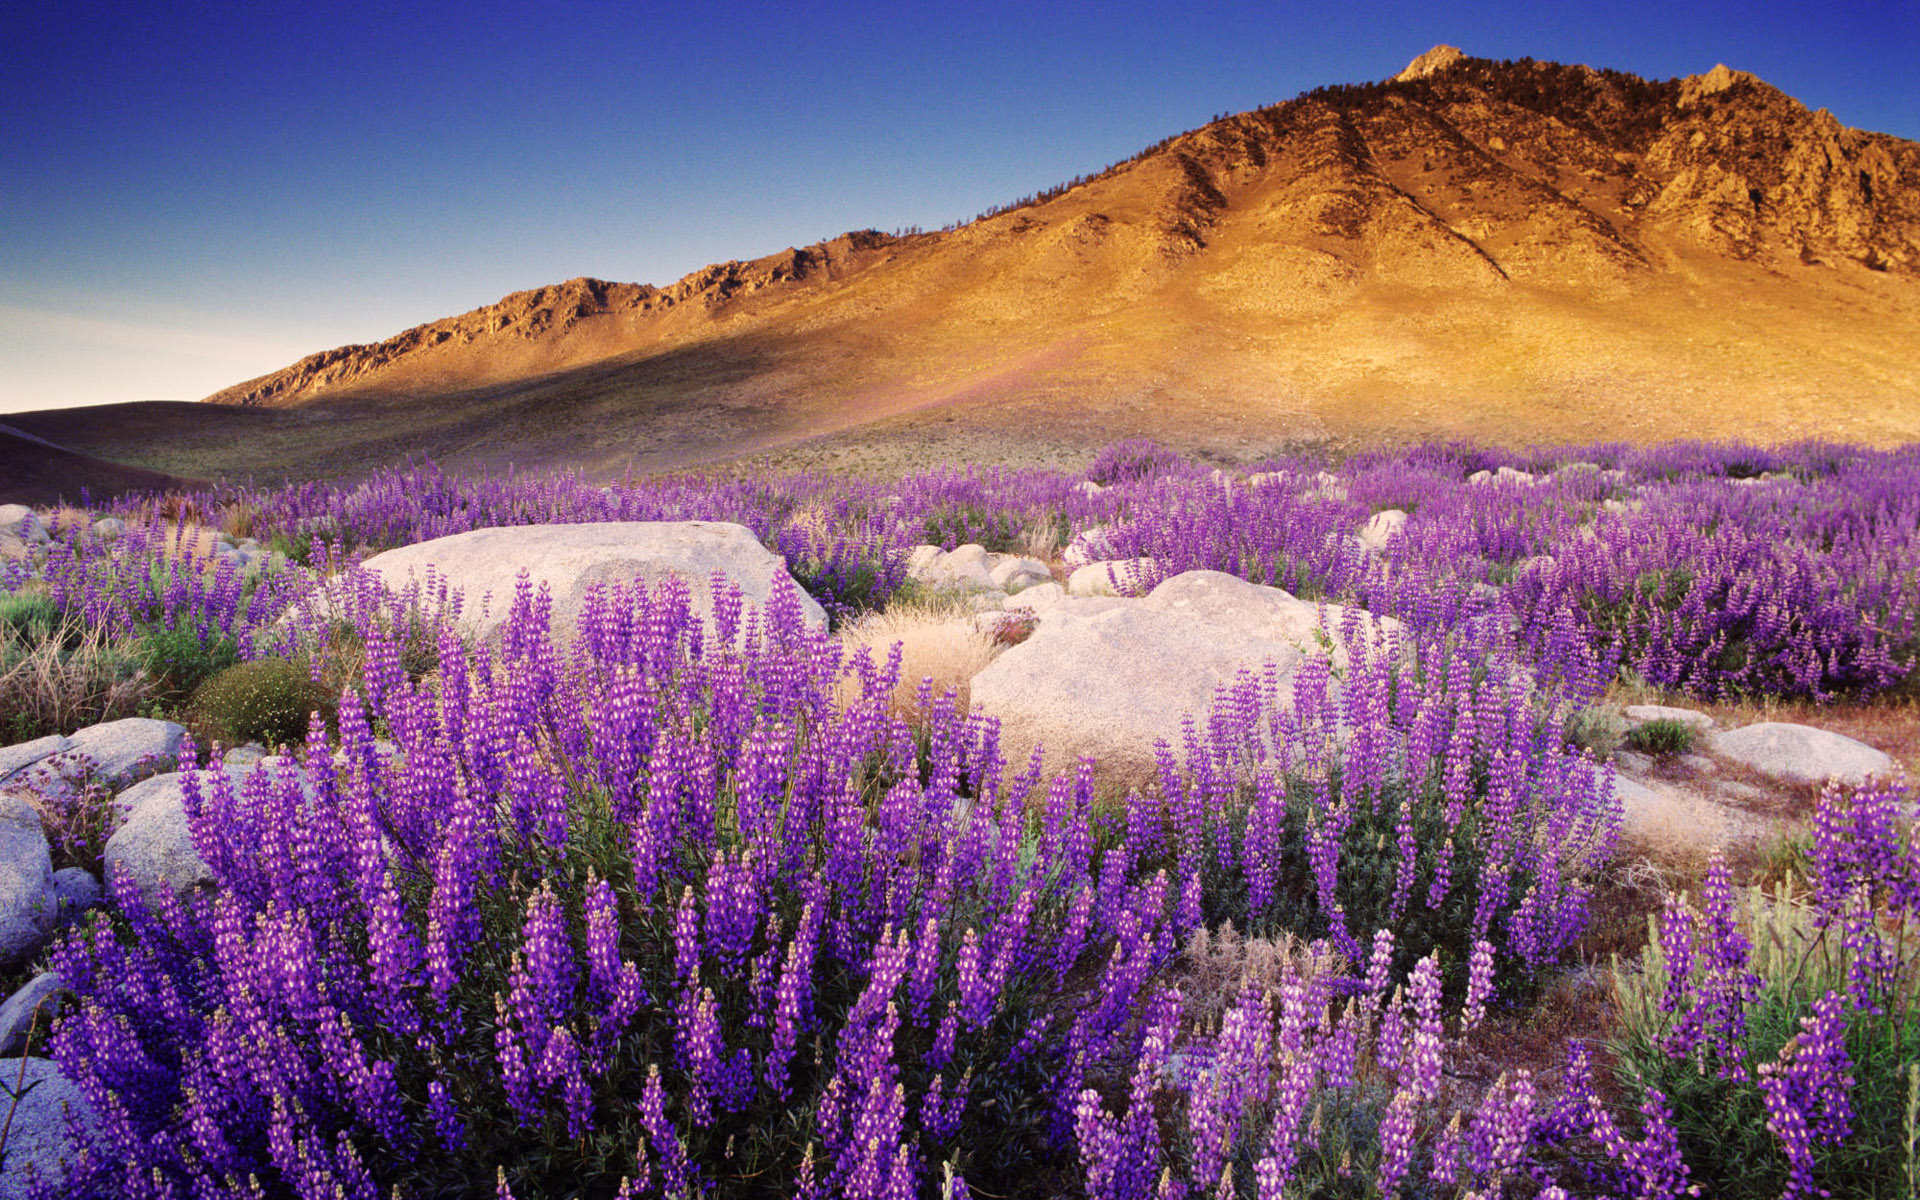 Montañas y flores moradas - 1920x1200